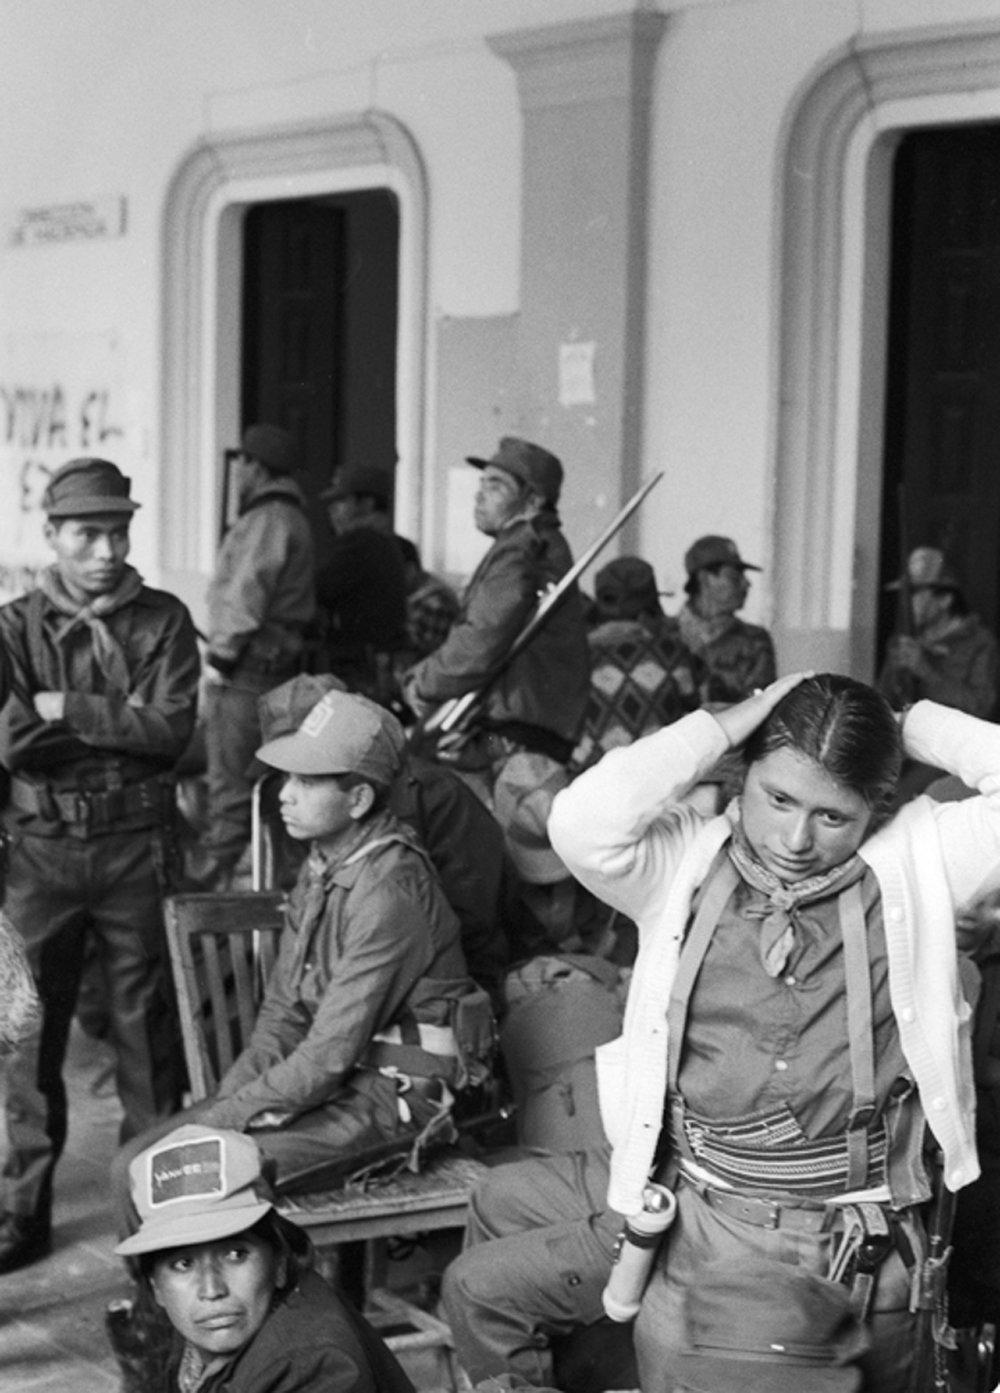 Guerrilleras Zapatistas / Zapatista Guerrillas